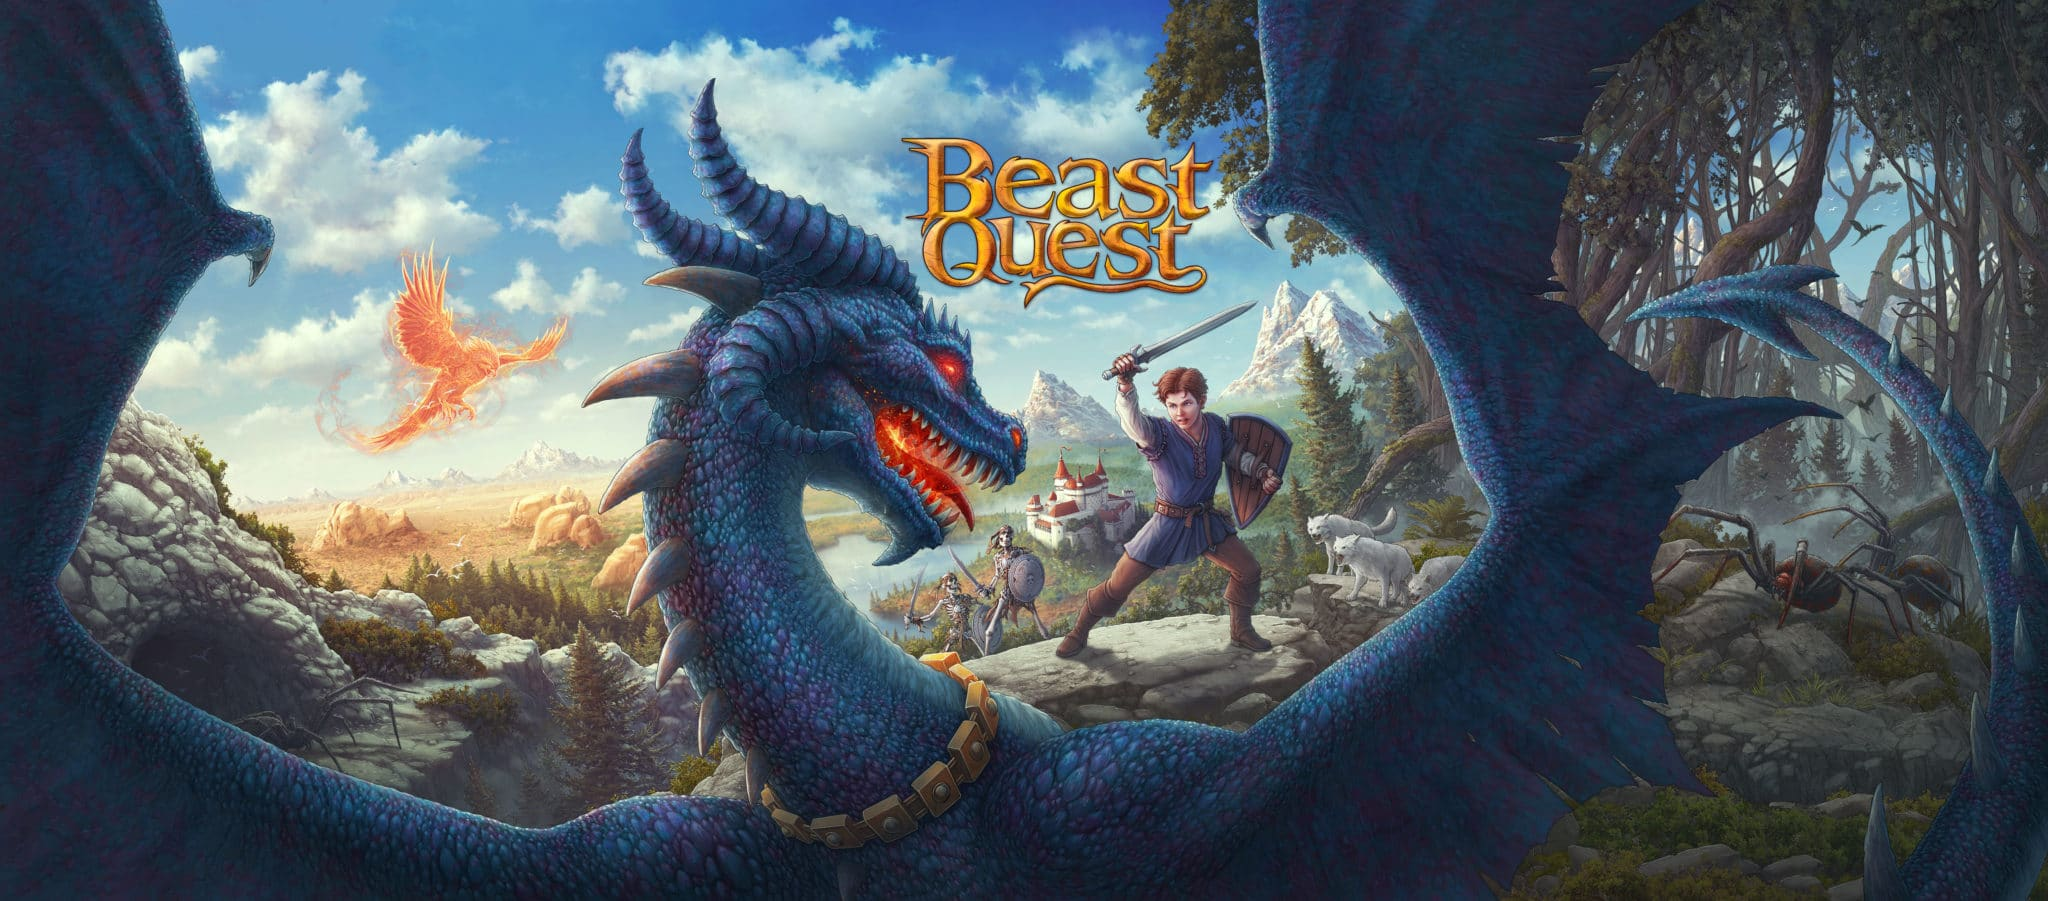 Beast Quest kann seit letzter Woche für die Xbox One erworben werden.